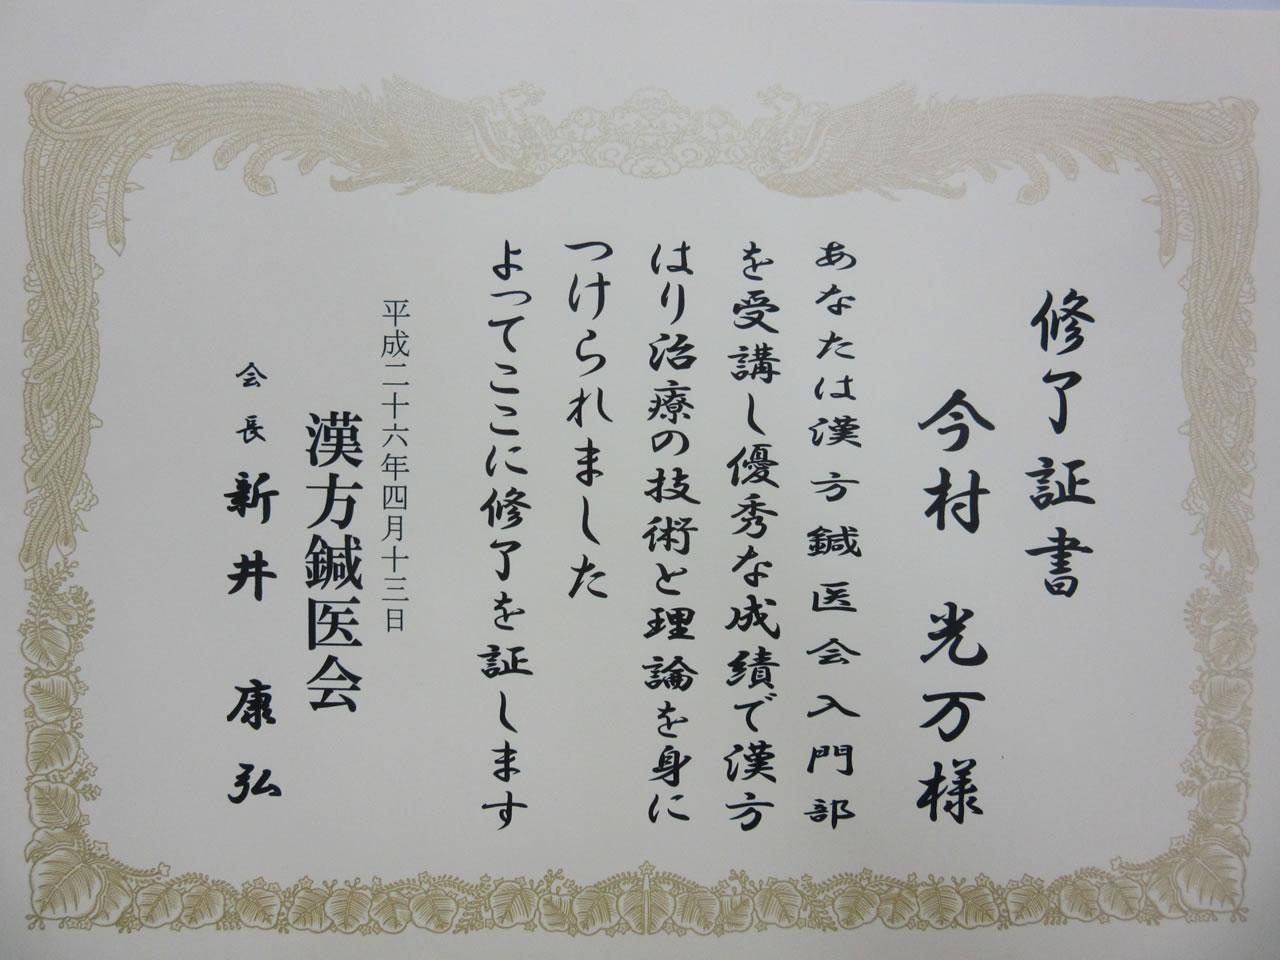 漢方鍼医会 入門部 修了証書